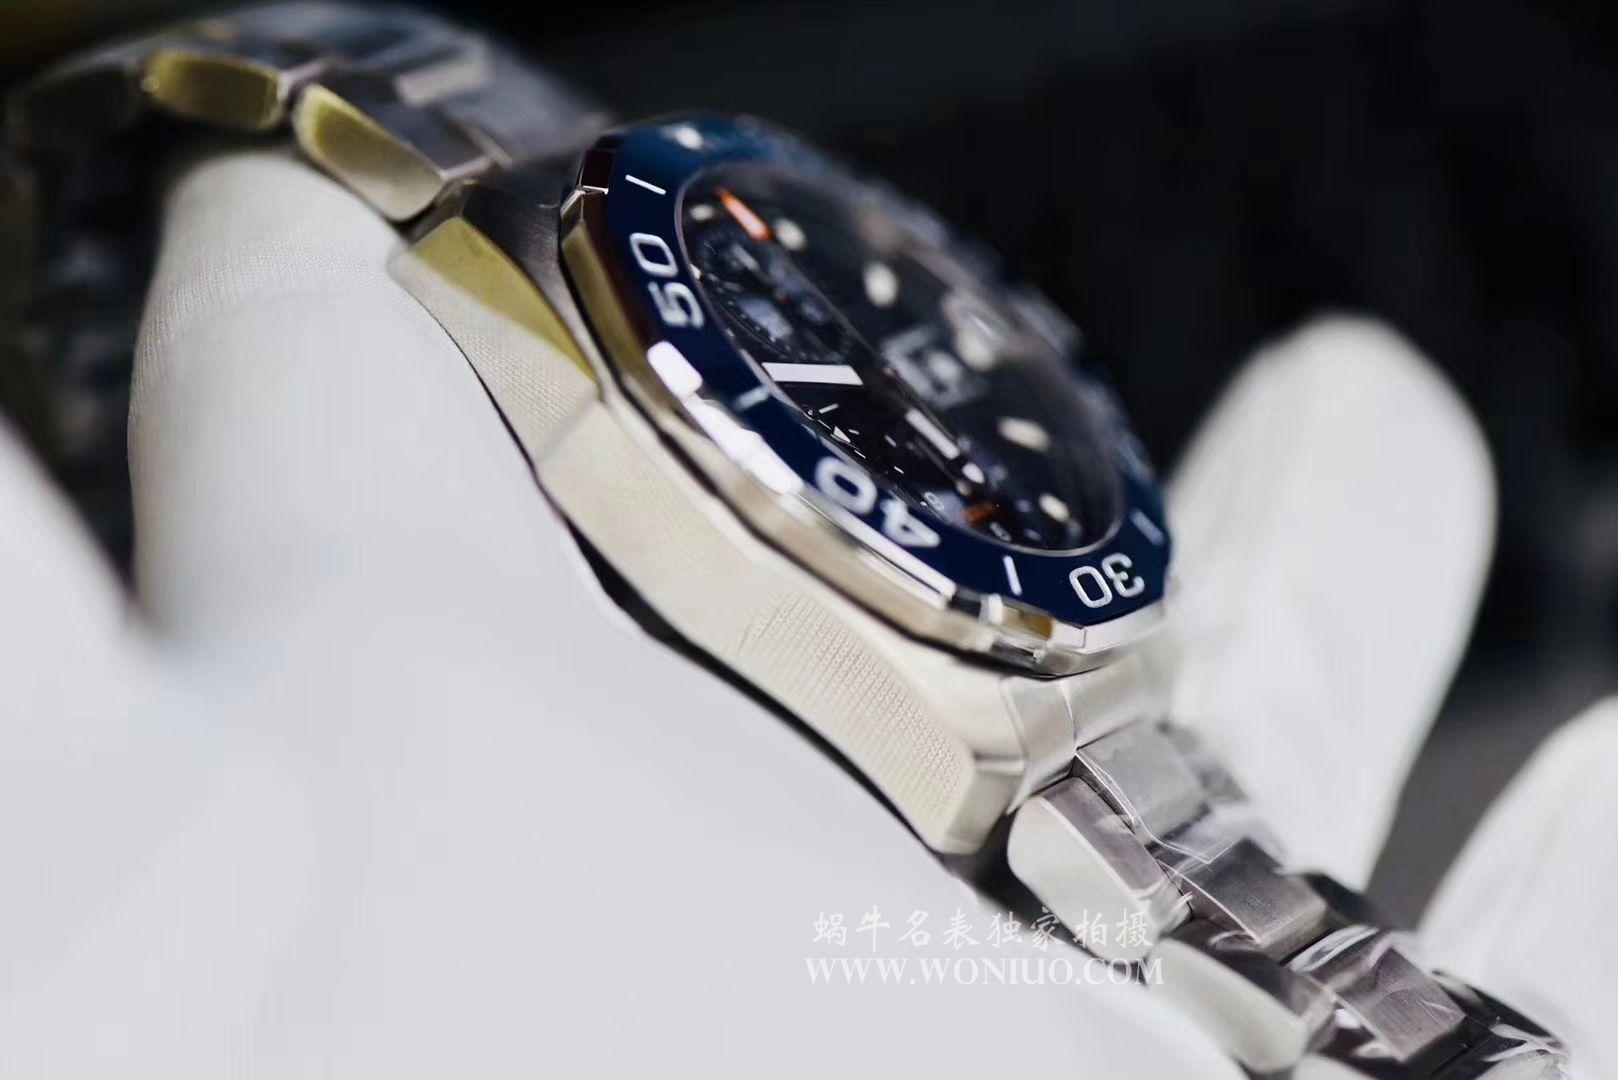 视频评测泰格豪雅竞潜系列原单计时机械表泰格豪雅竞潜系列CAY211B.BA0927,CAY211A.BA0927腕表 / TG034MM